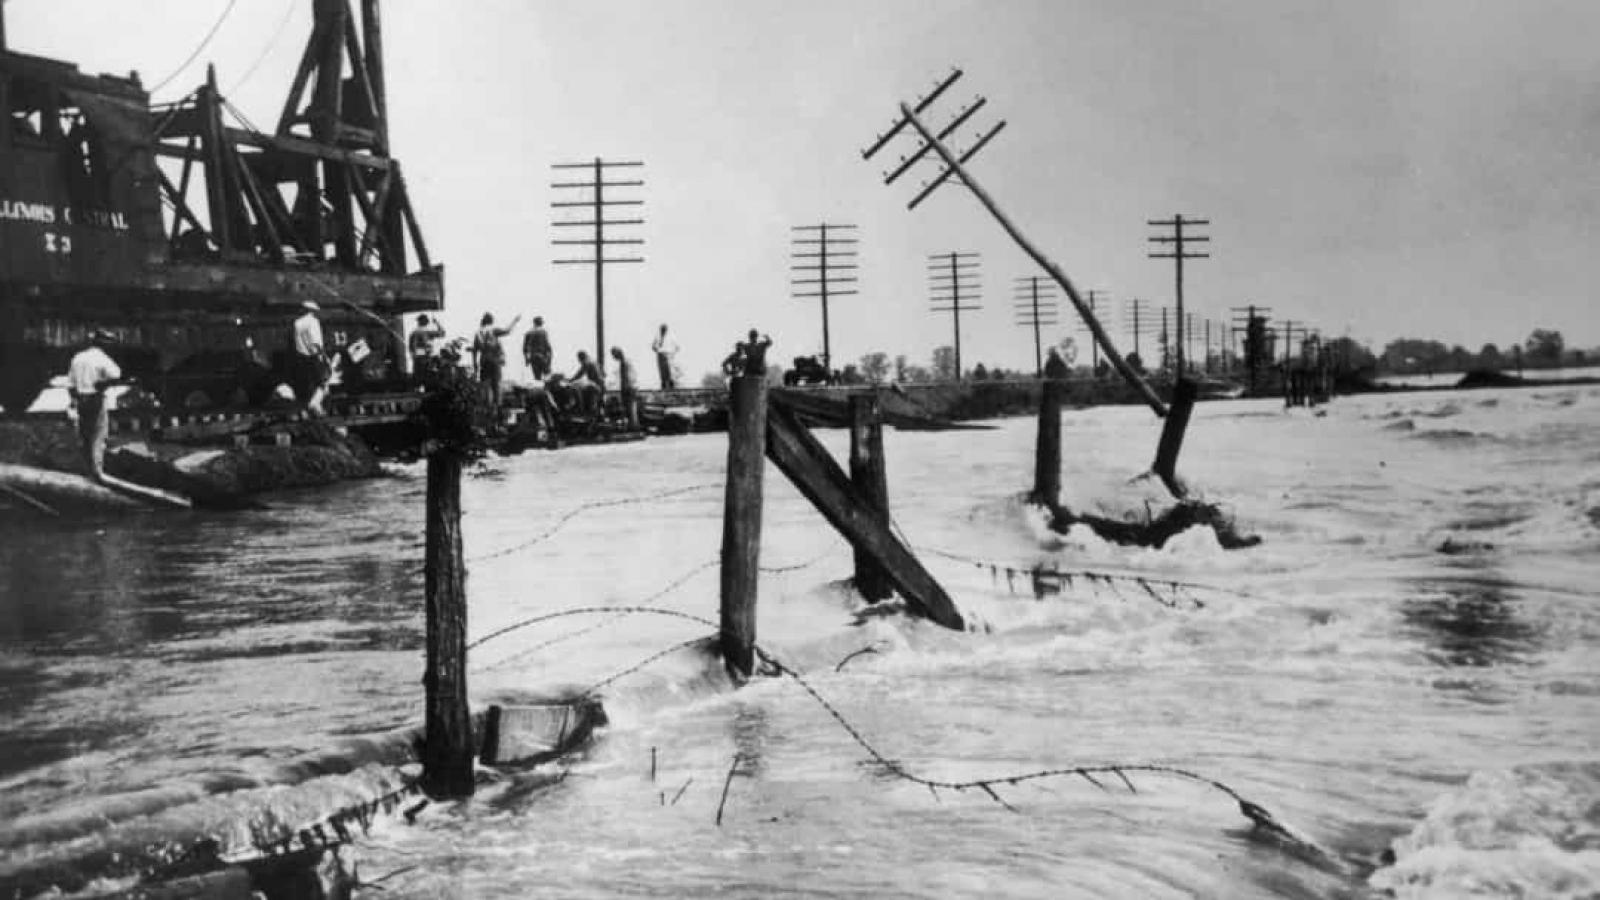 Những trận lũ lụt gây hậu quả thảm khốc nhất lịch sử thế giới